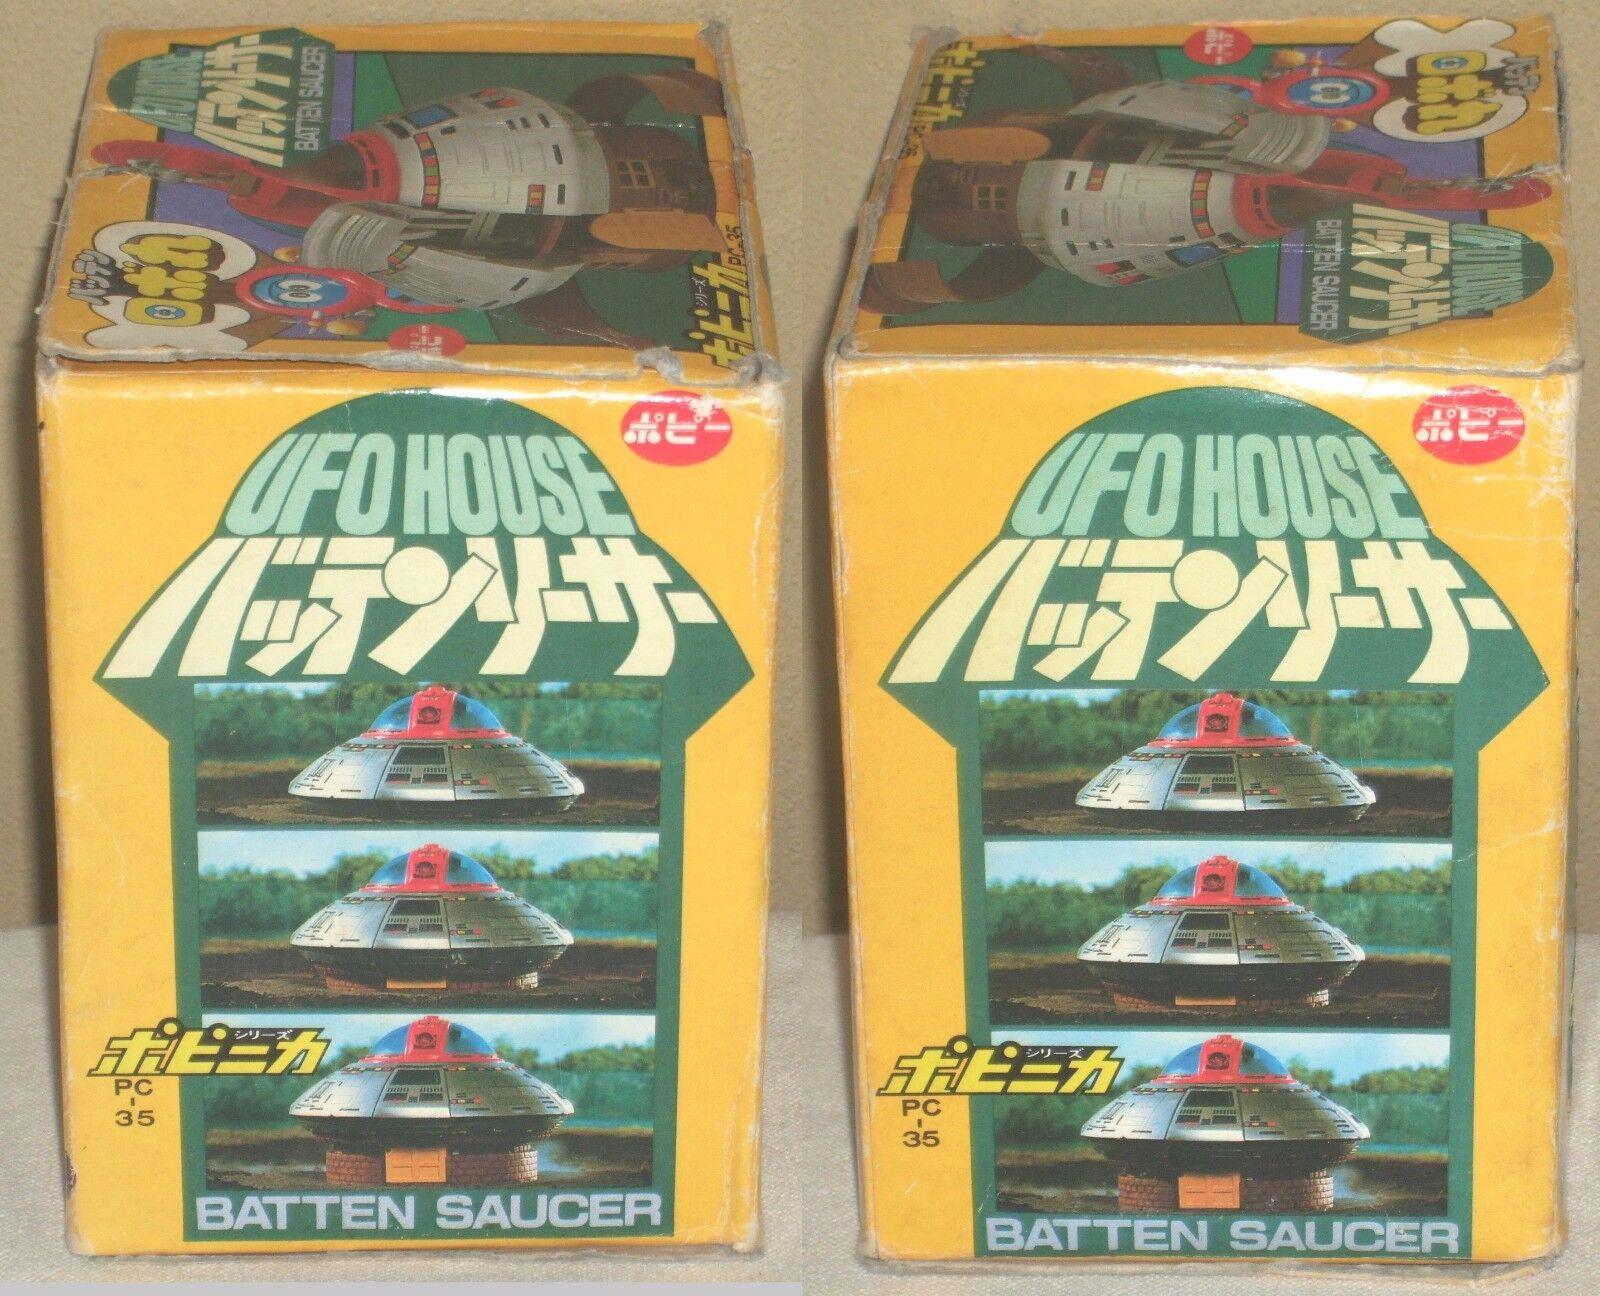 Robot Saucer Robomaru Batten House Saucer Robot Chogokin Figure Dolls PC-35 Popy 1983 Rare a83d86